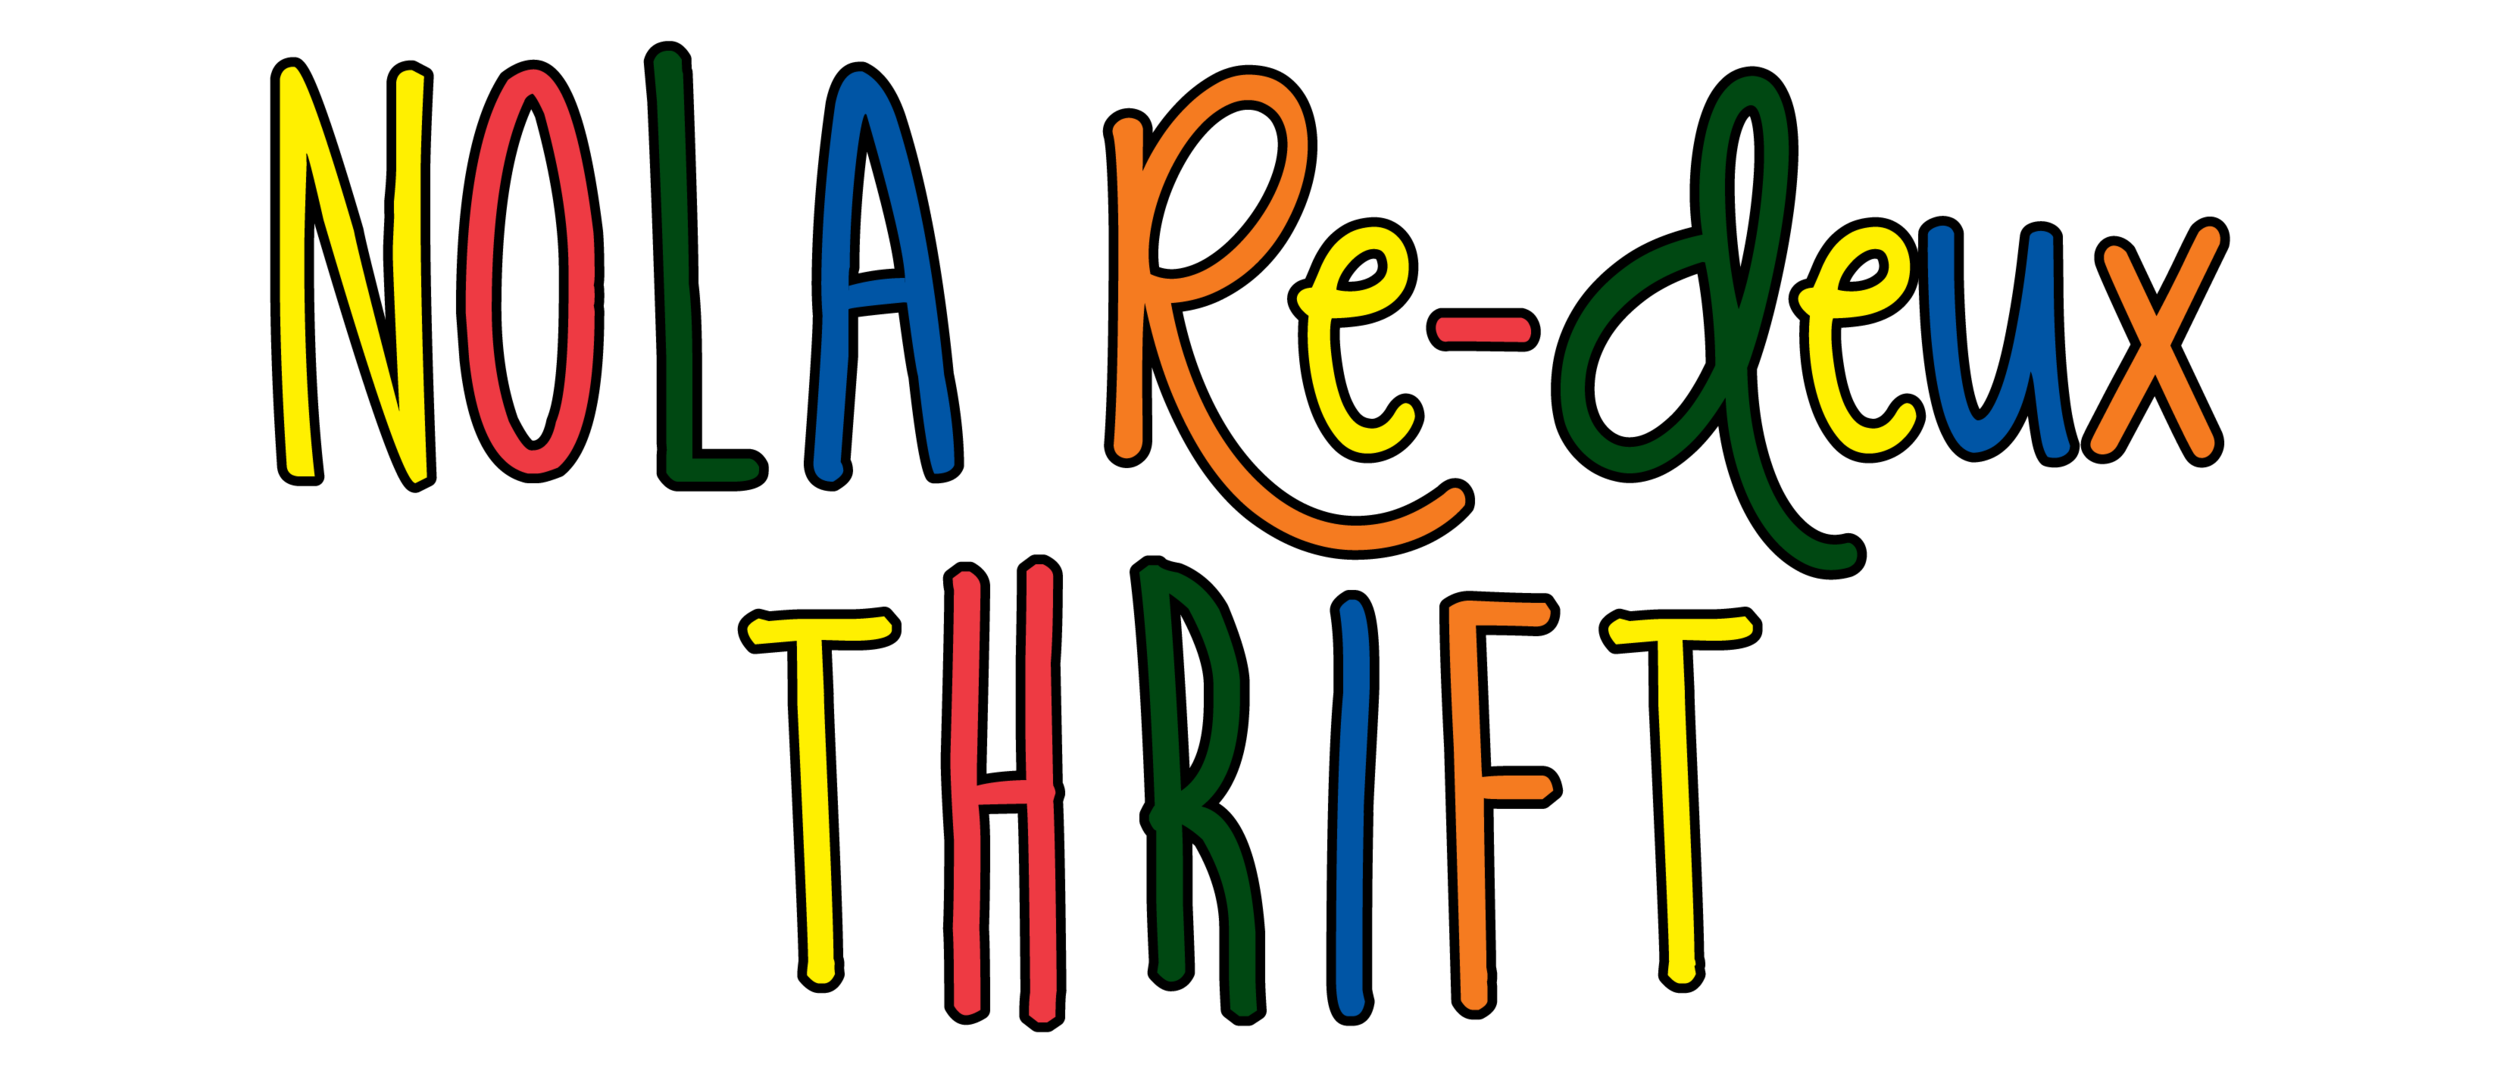 nolaredeuxthrift-logo.jpg